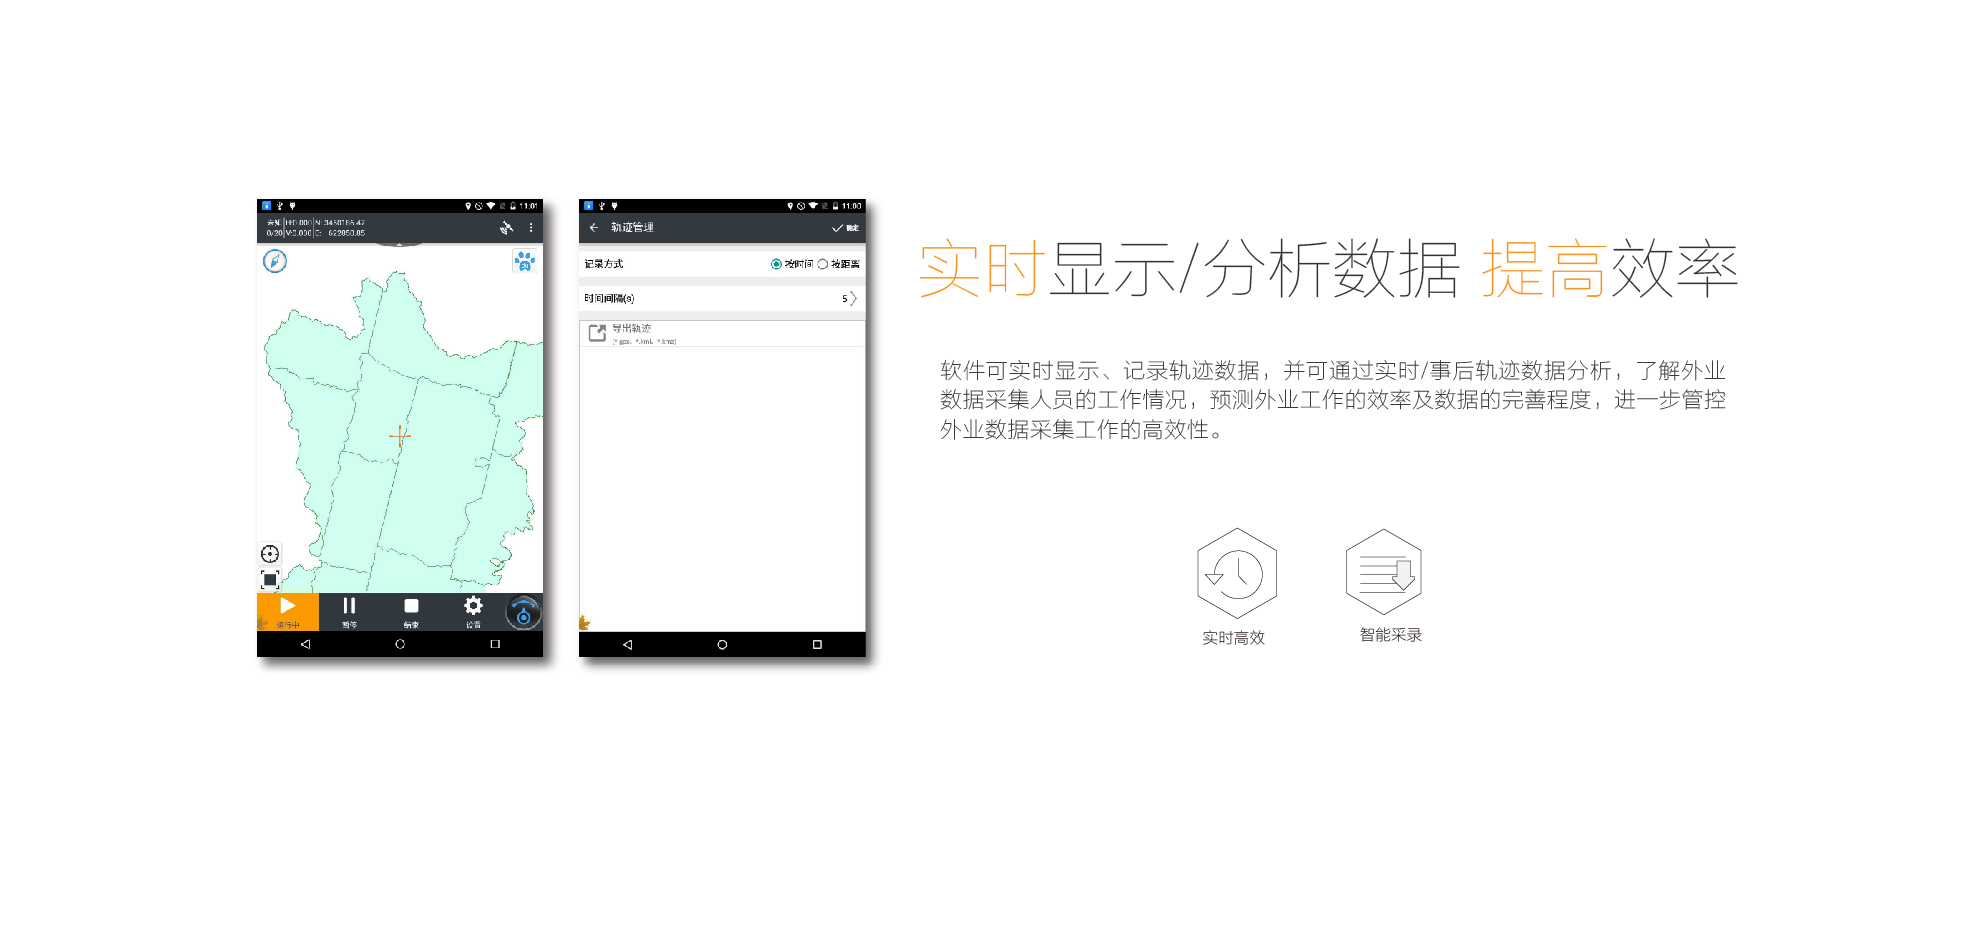 華測導航Android雲圖3.0 GIS數據采集系統,移動端GIS數據采集軟件,實時顯示數據,提高效率